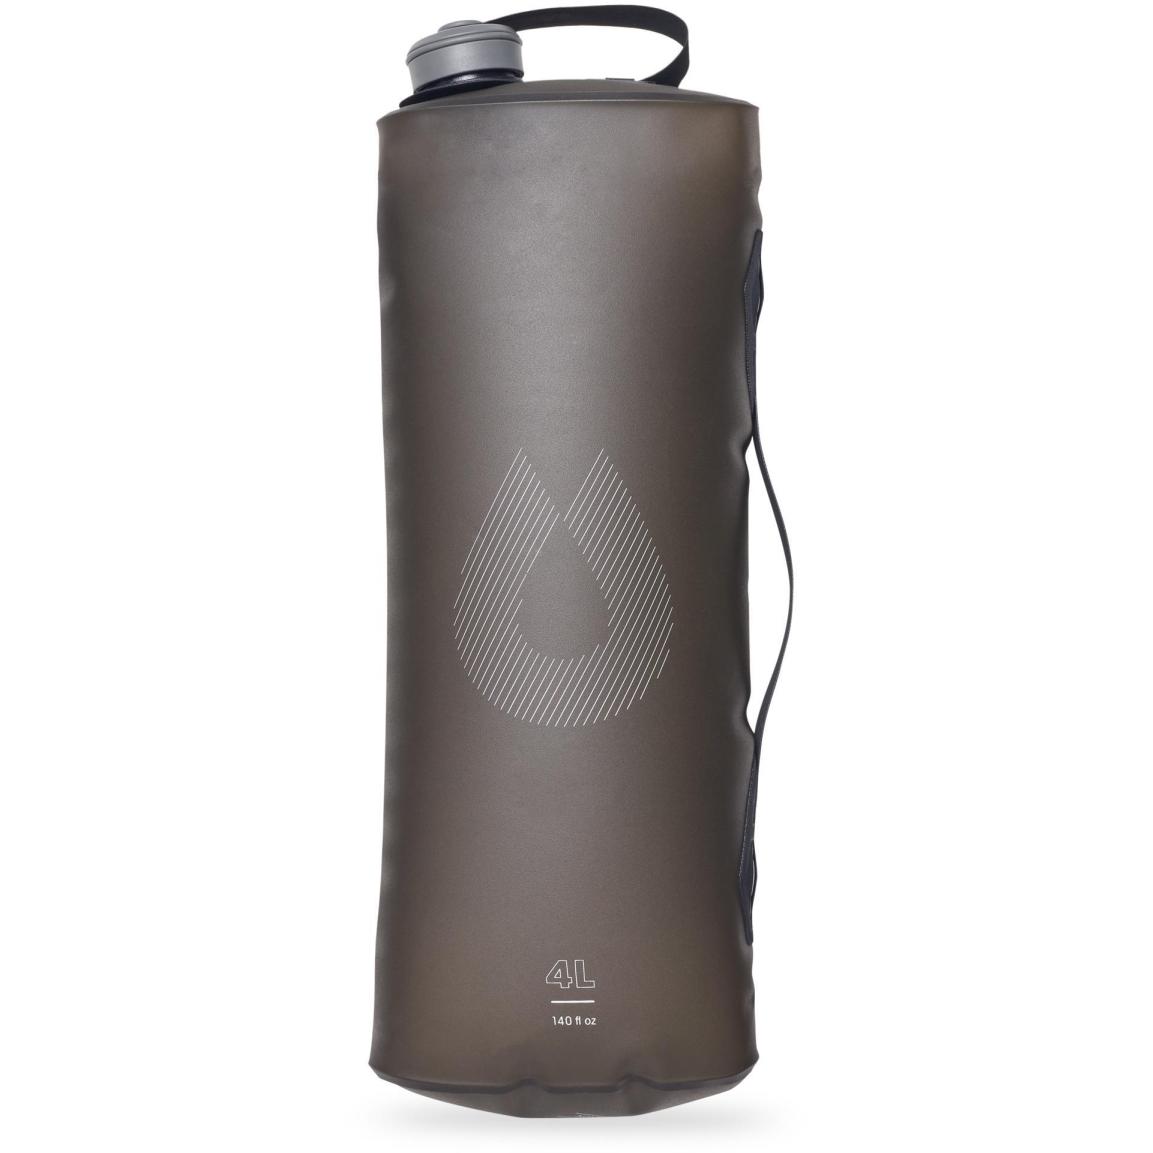 Produktbild von Hydrapak Seeker™ 4L Faltbehälter - mammoth grey